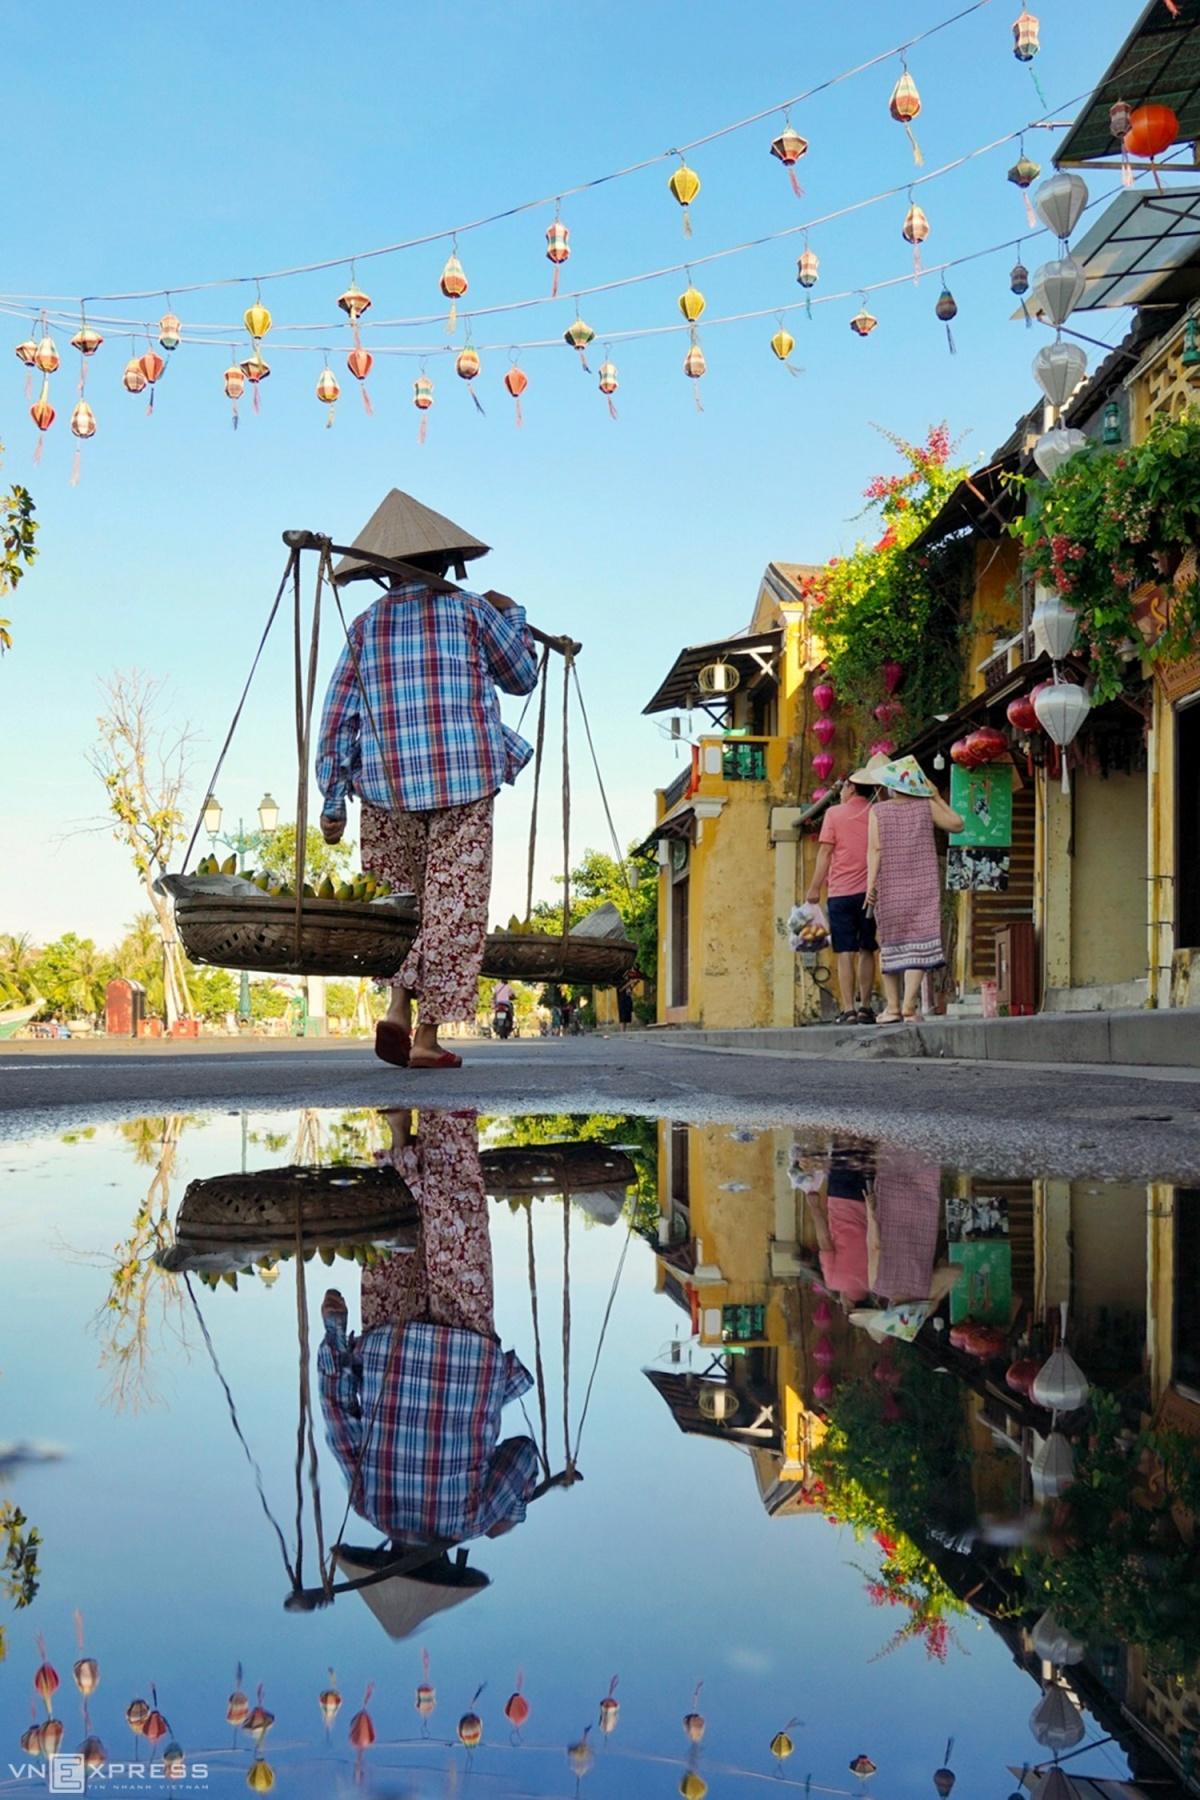 Quang-ganh-Do-Anh-Vu-6-1589026596.jpg?w=1200&h=0&q=100&dpr=1&fit=crop&s=C_r2VBa67g-J2hdK_sByIw